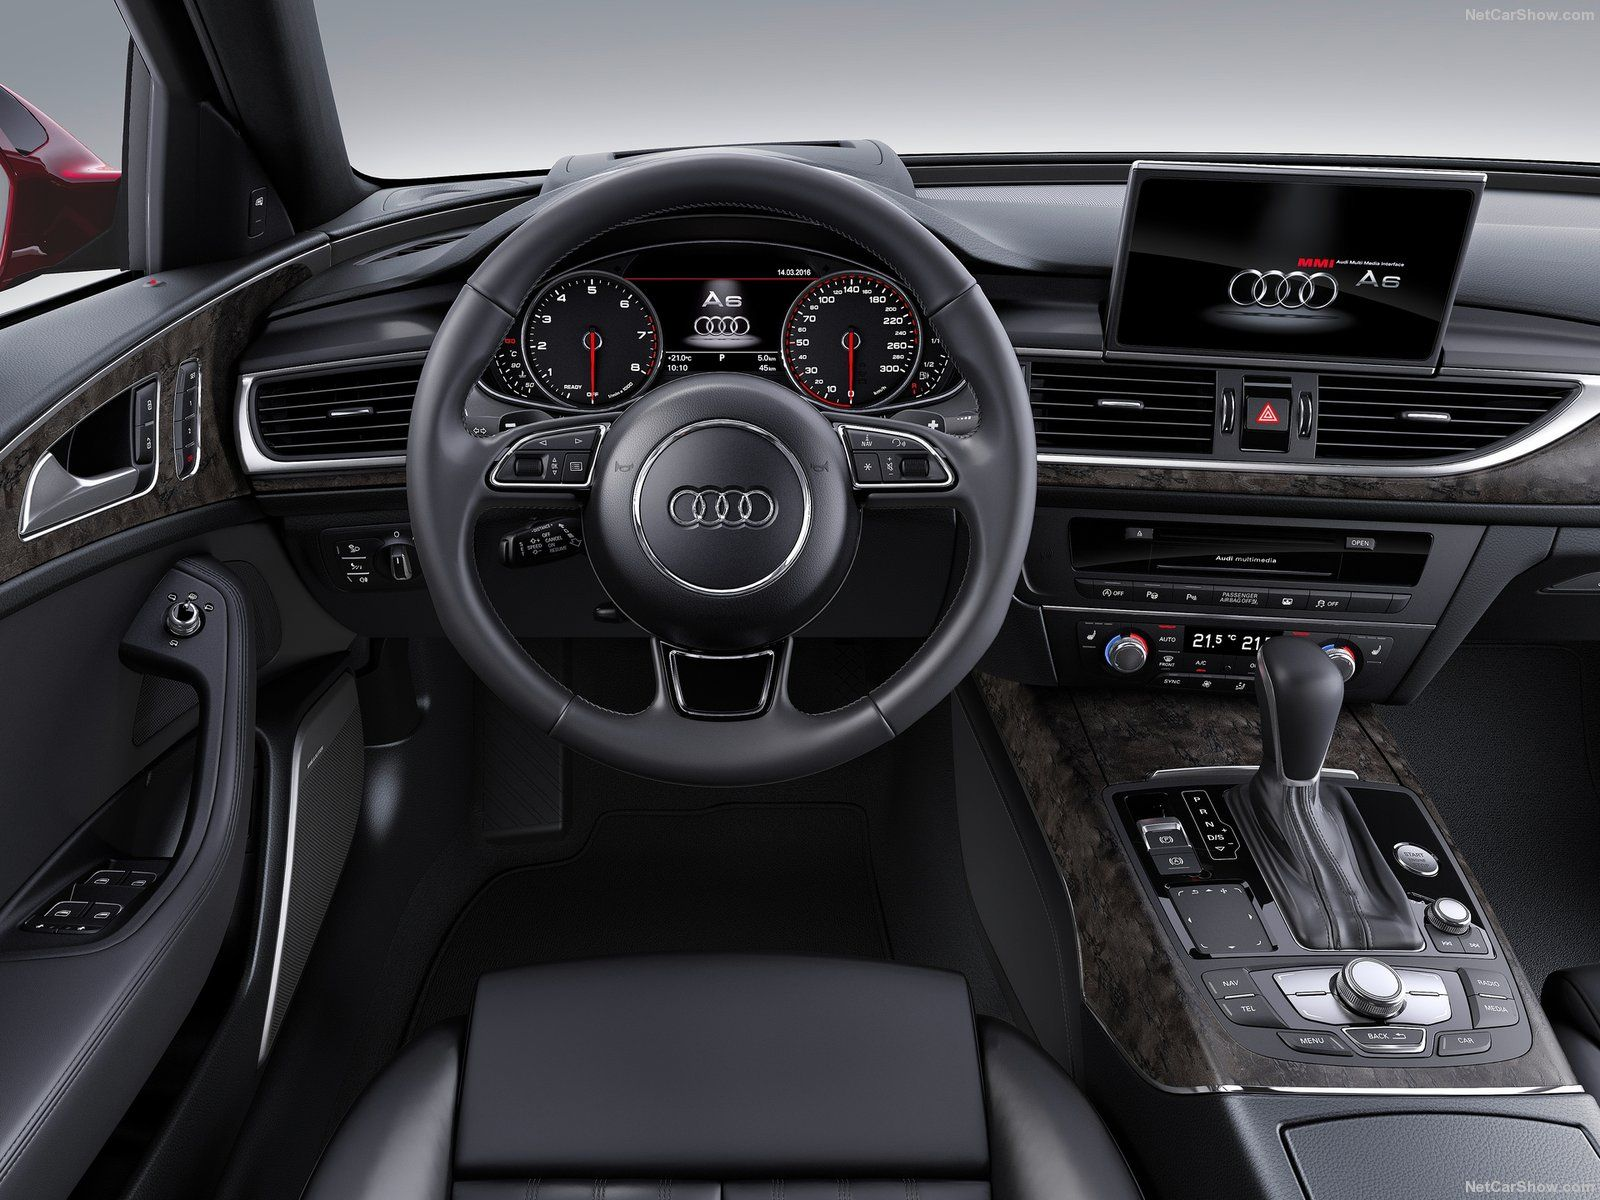 Audi A6 Avant 2017 | Audi | Pinterest | Audi, Audi a6 and Audi a6 avant